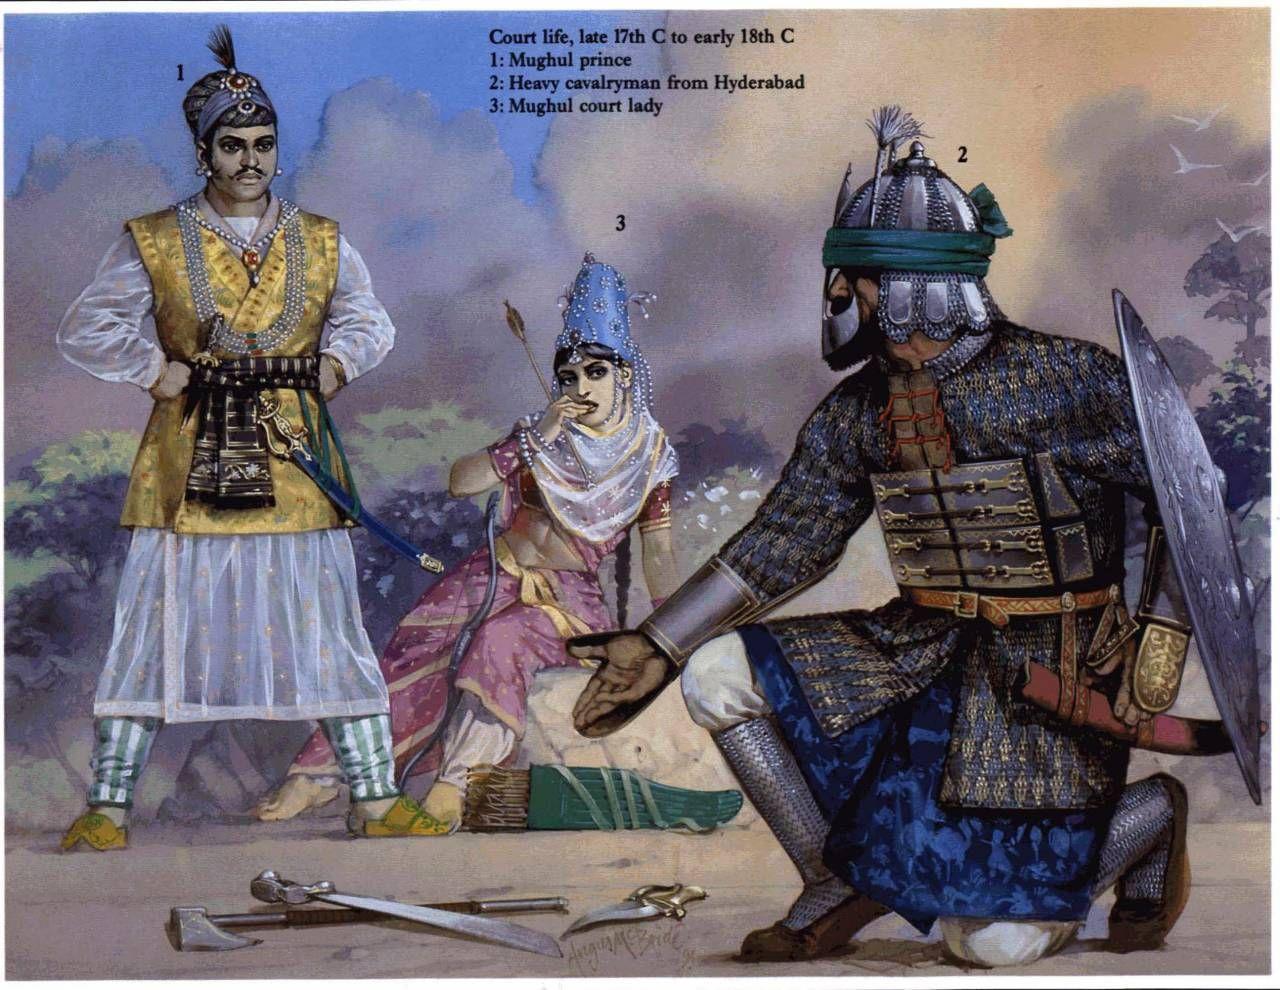 Angus McBride - Príncipes mogoles, C 1700